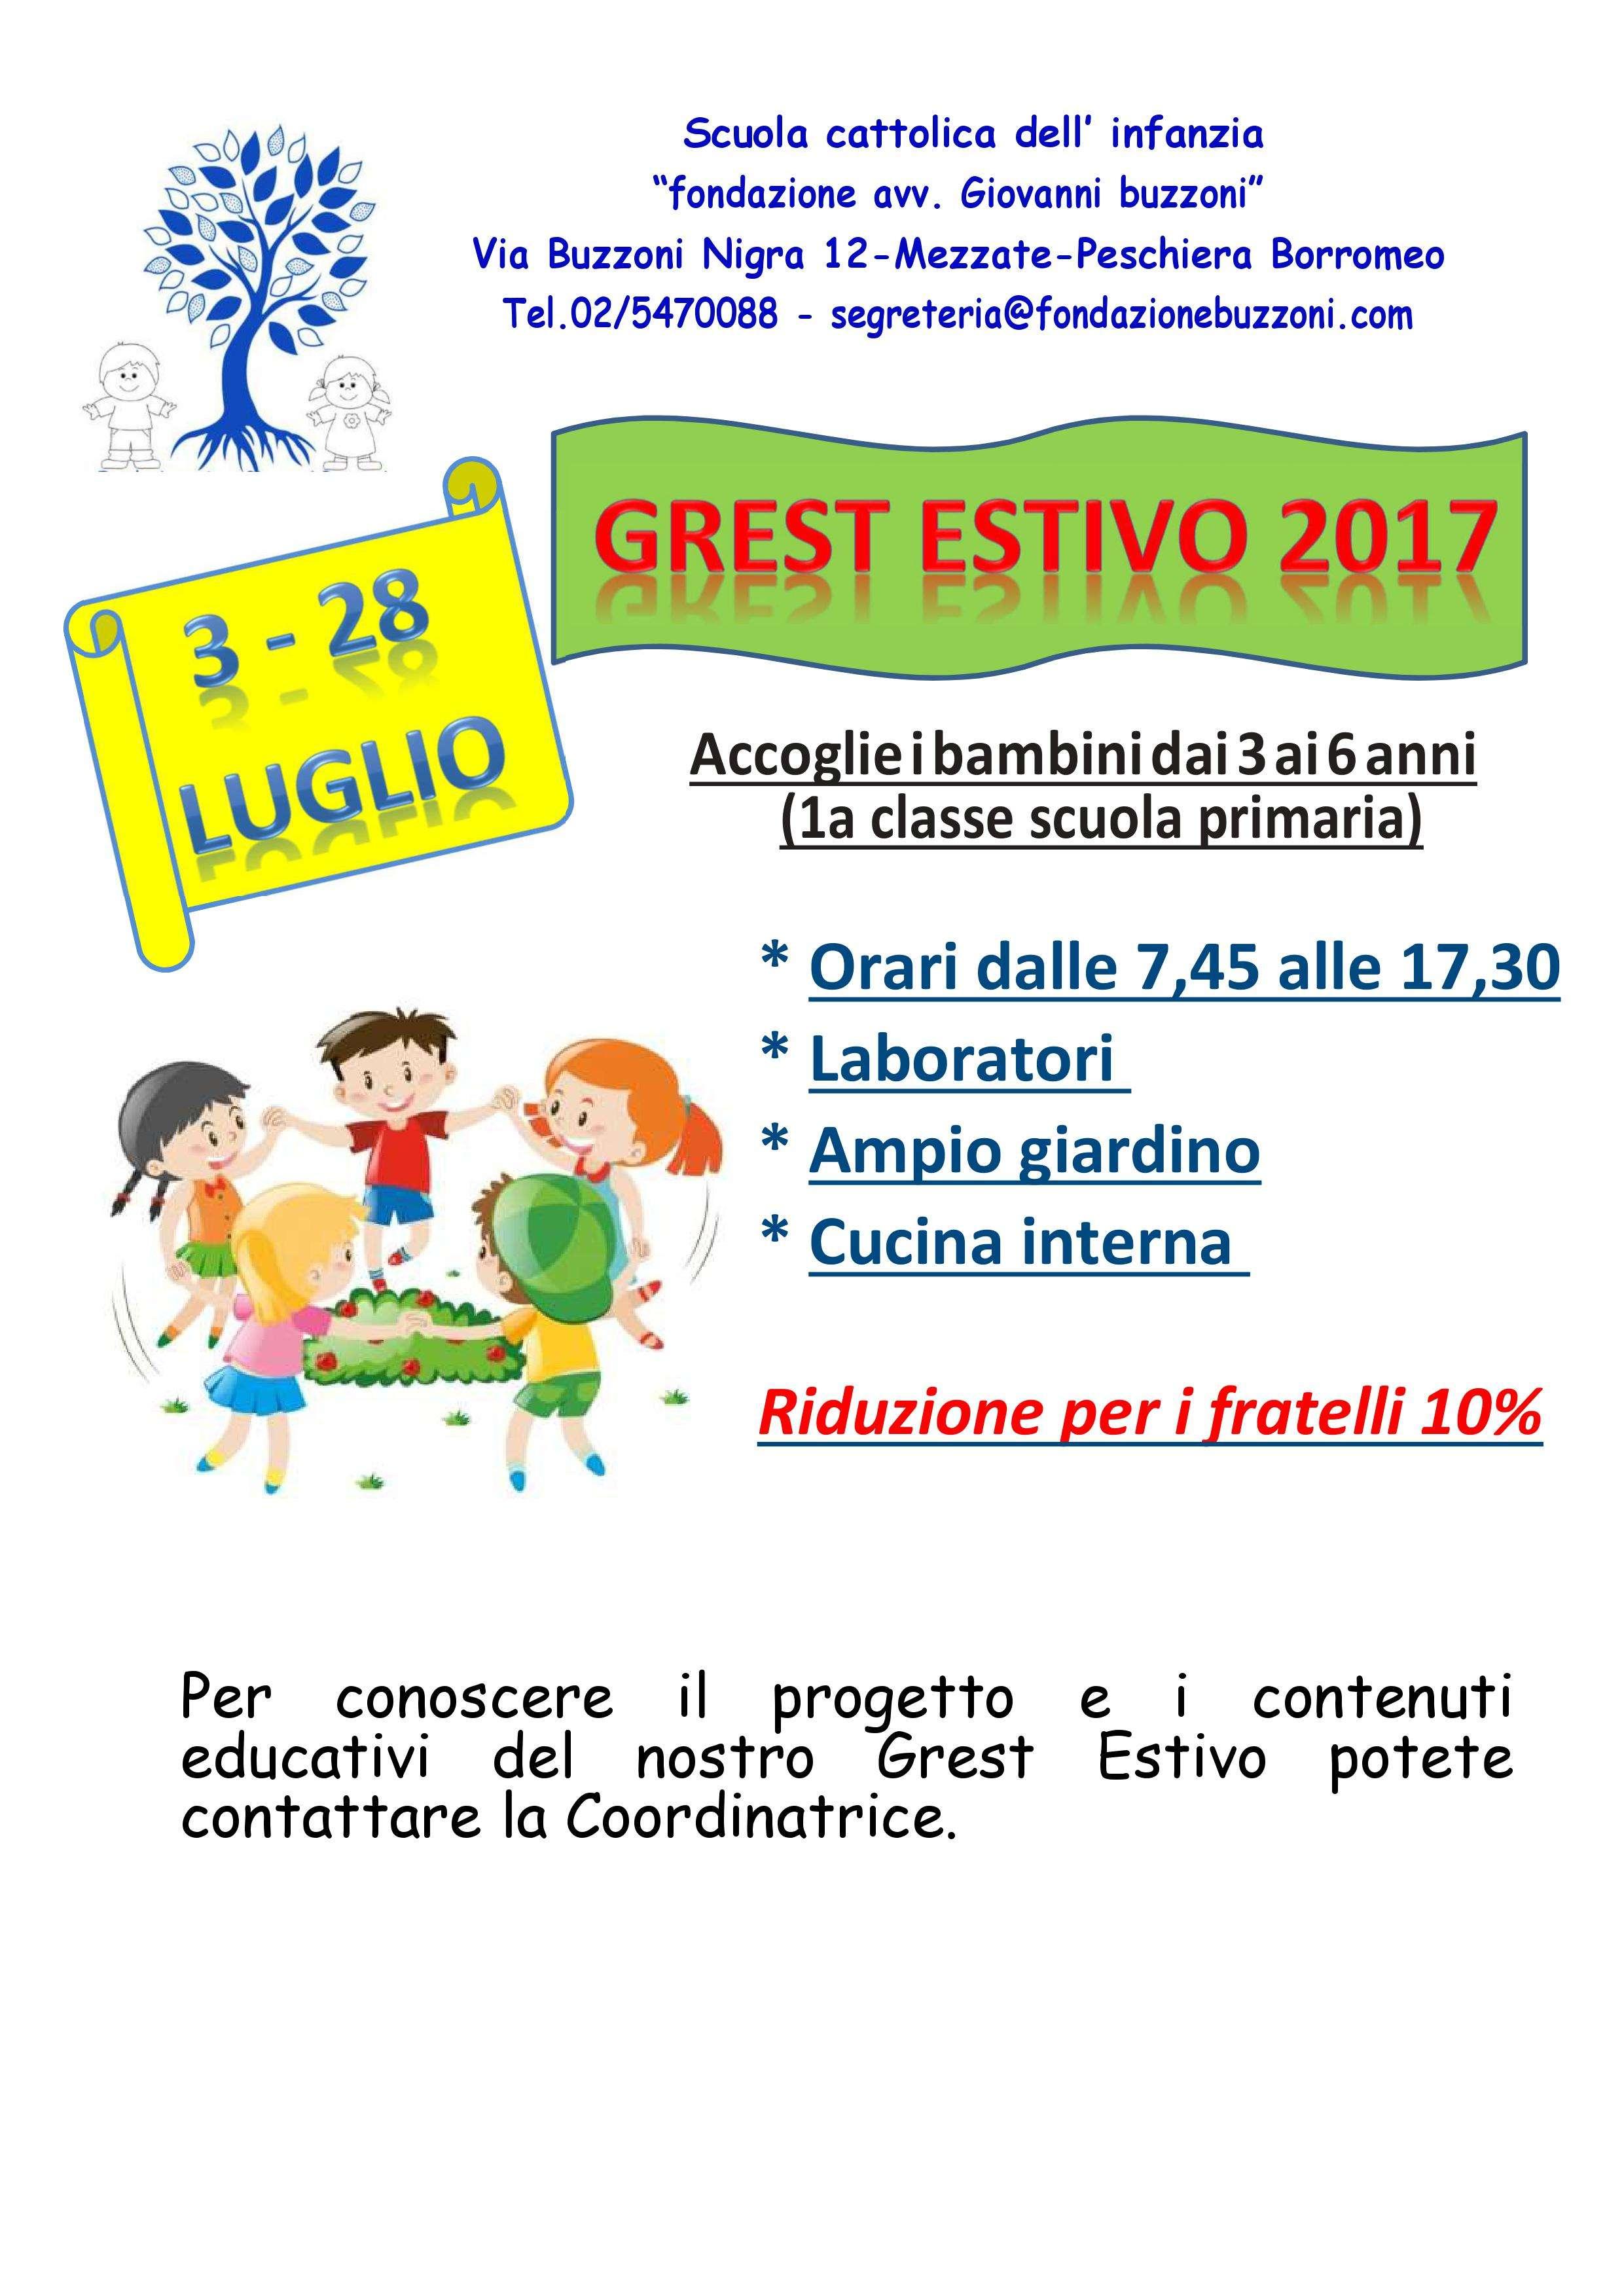 GREST estivo 2017 - Scuola Materna Peschiera Borromeo